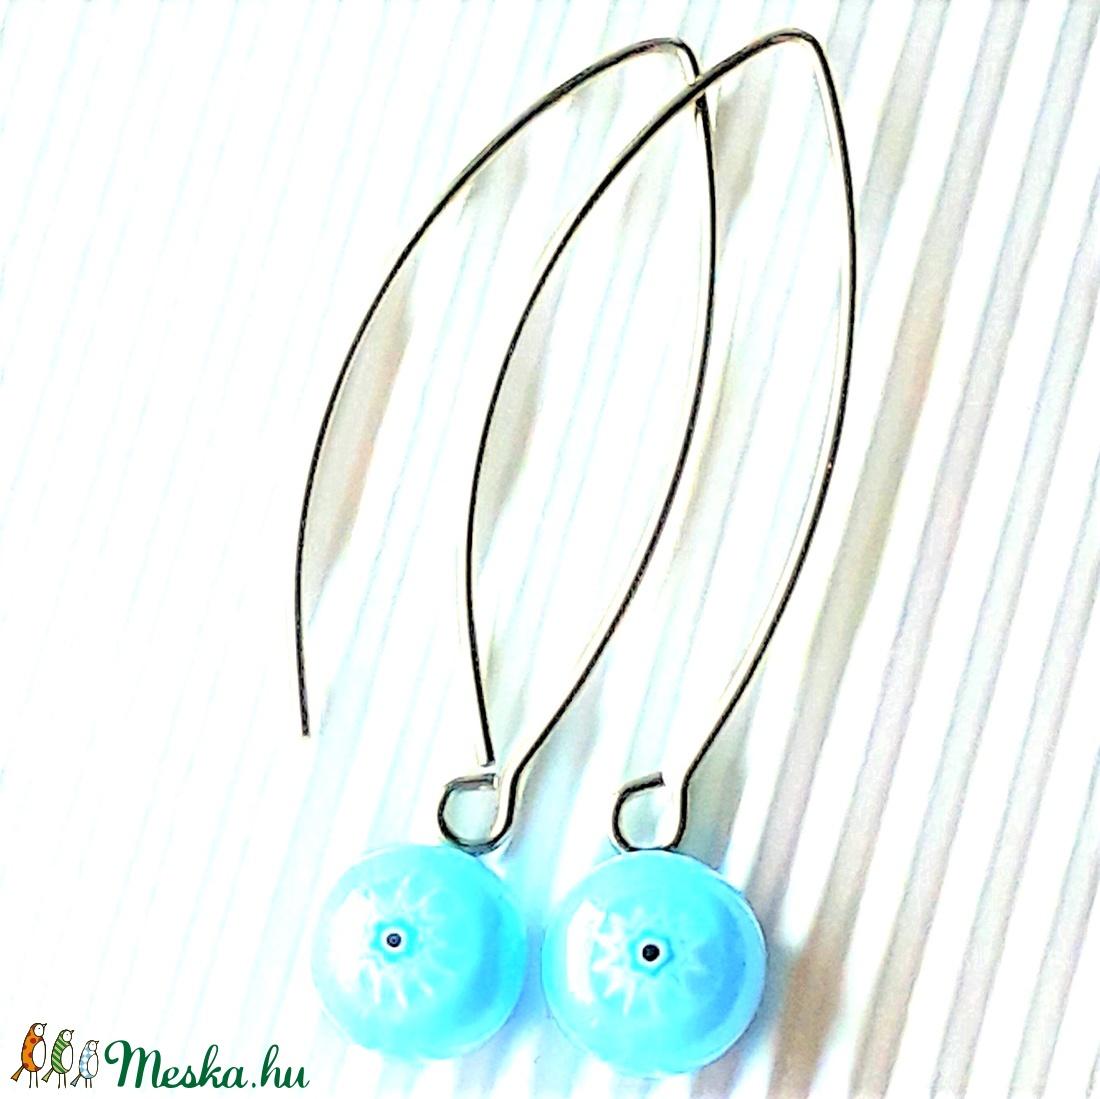 Égszínkék csillagvirág millefiori üveg fülbevaló orvosi fém hosszú, trendi akasztón, üvegékszer  - ékszer - fülbevaló - lógós kerek fülbevaló - Meska.hu